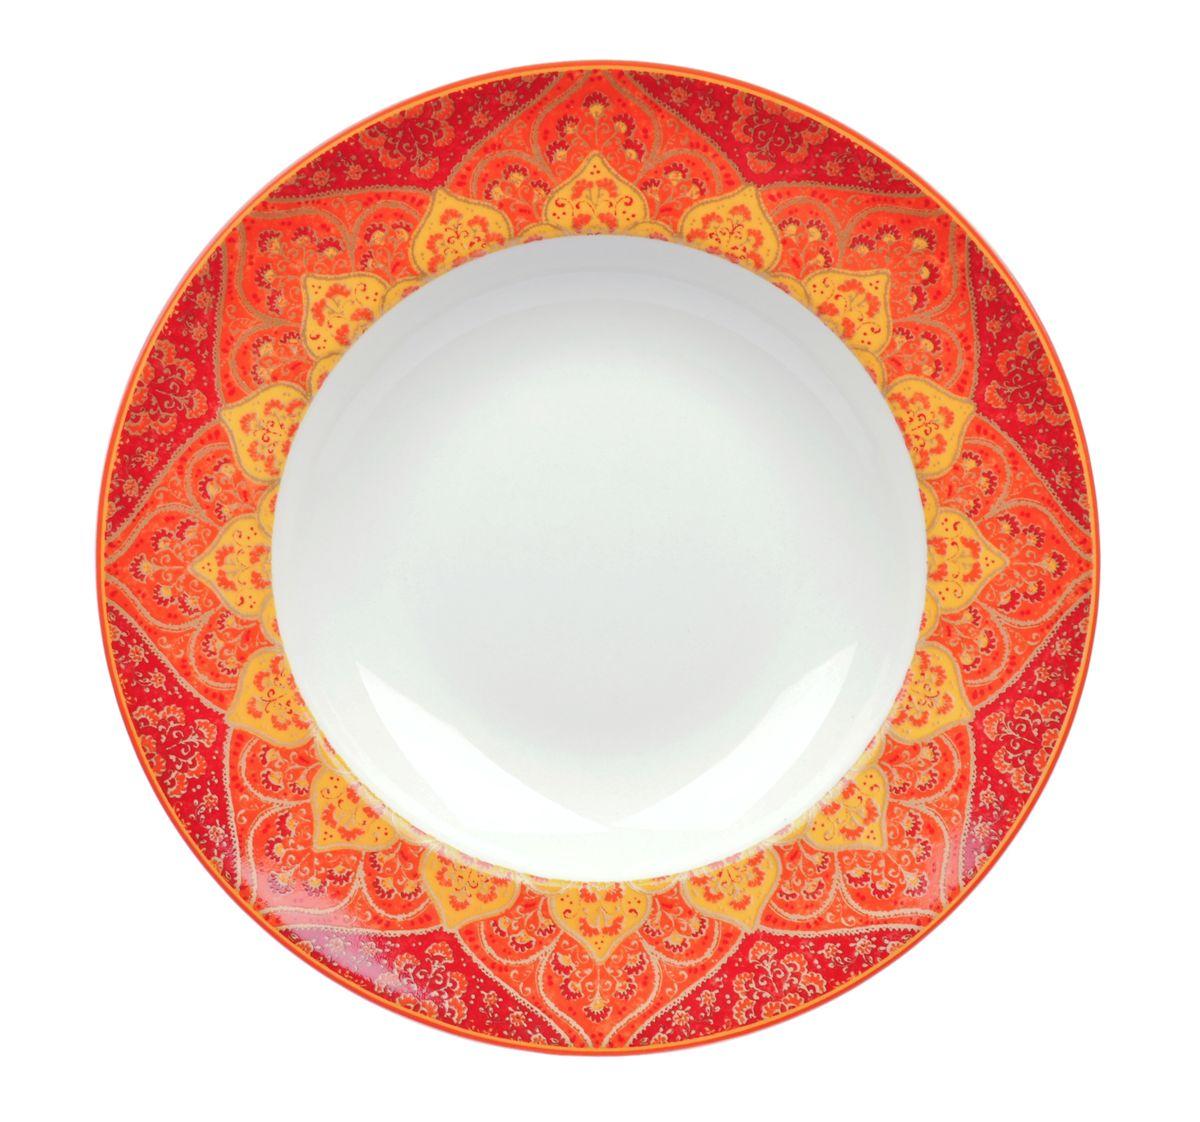 Тарелка глубокая Utana Кашан Рэд, диаметр 24 см54 009312Тарелка Utana Кашан Рэд изготовлена из высококачественной керамики. Предназначена для подачи супа или салата. Изделие декорировано оригинальным орнаментом. Такая тарелка украсит сервировку стола и подчеркнет прекрасный вкус хозяйки.Можно мыть в посудомоечной машине и использовать в СВЧ. Диаметр: 24 см.Высота: 4,5 см.